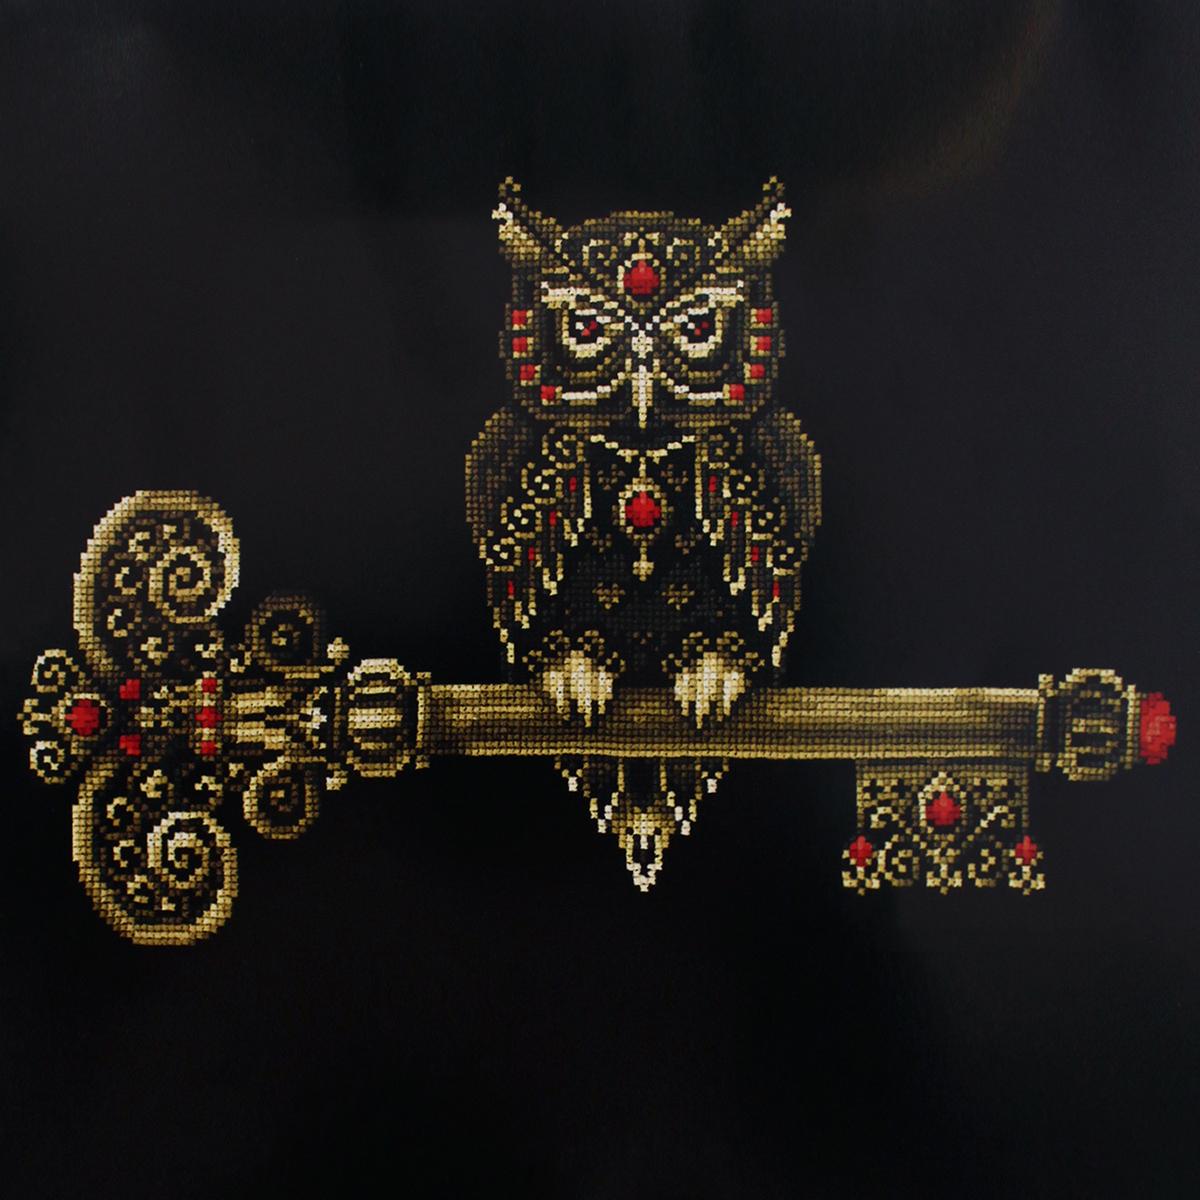 Набор для вышивания крестом Сделай своими руками Ключ мудрости, 23 х 34 см набор для вышивания крестом сделай своими руками ключ счастья 26 х 35 см